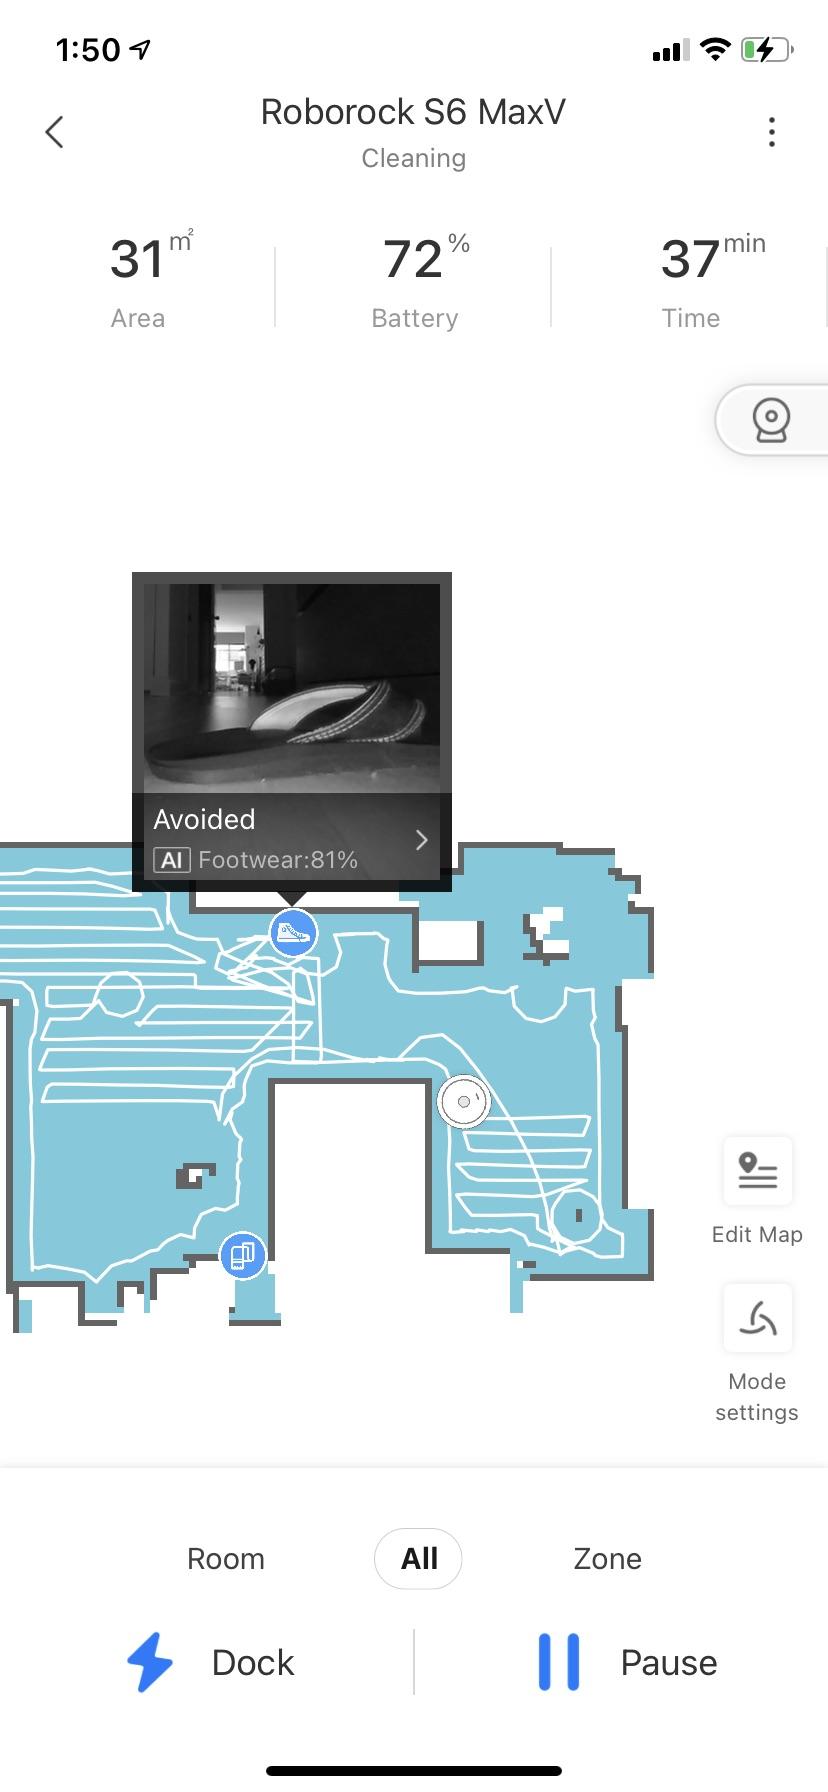 Roborock S6 MaxV Reactiv AI App